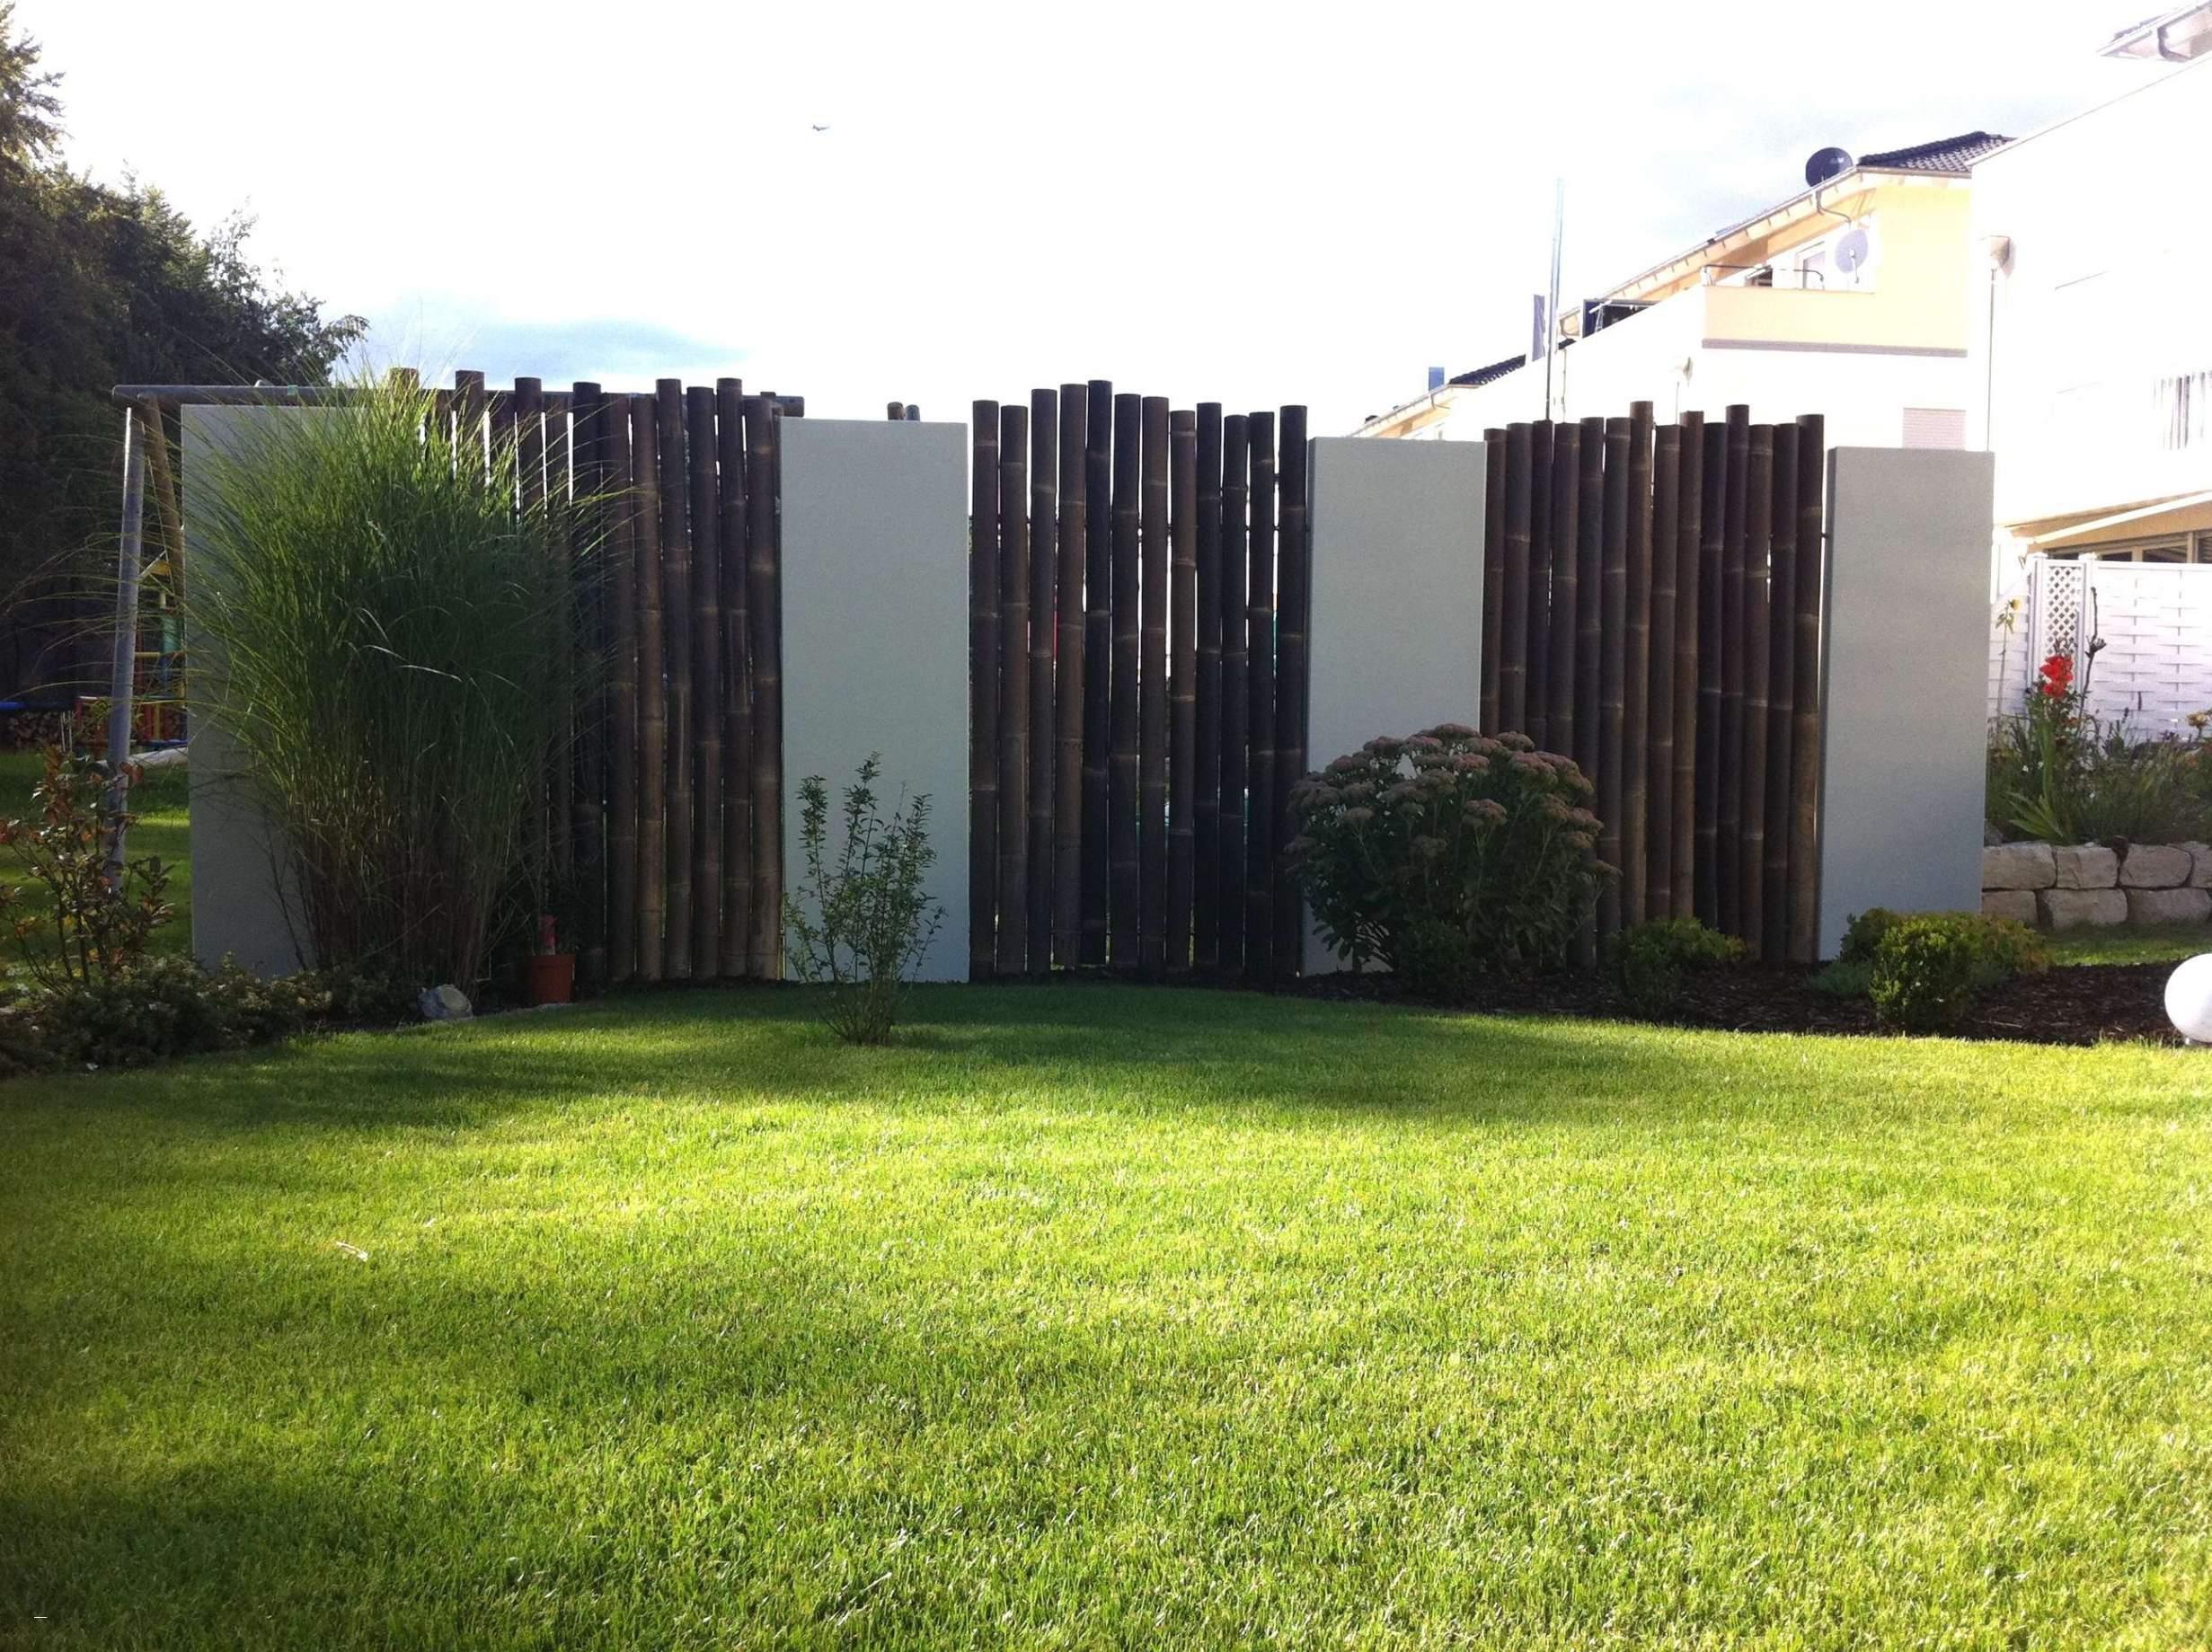 inspirierend terrasse sichtschutz terrasse sichtschutz 0d s design terrasse pflanzen sichtschutz terrasse pflanzen sichtschutz 1